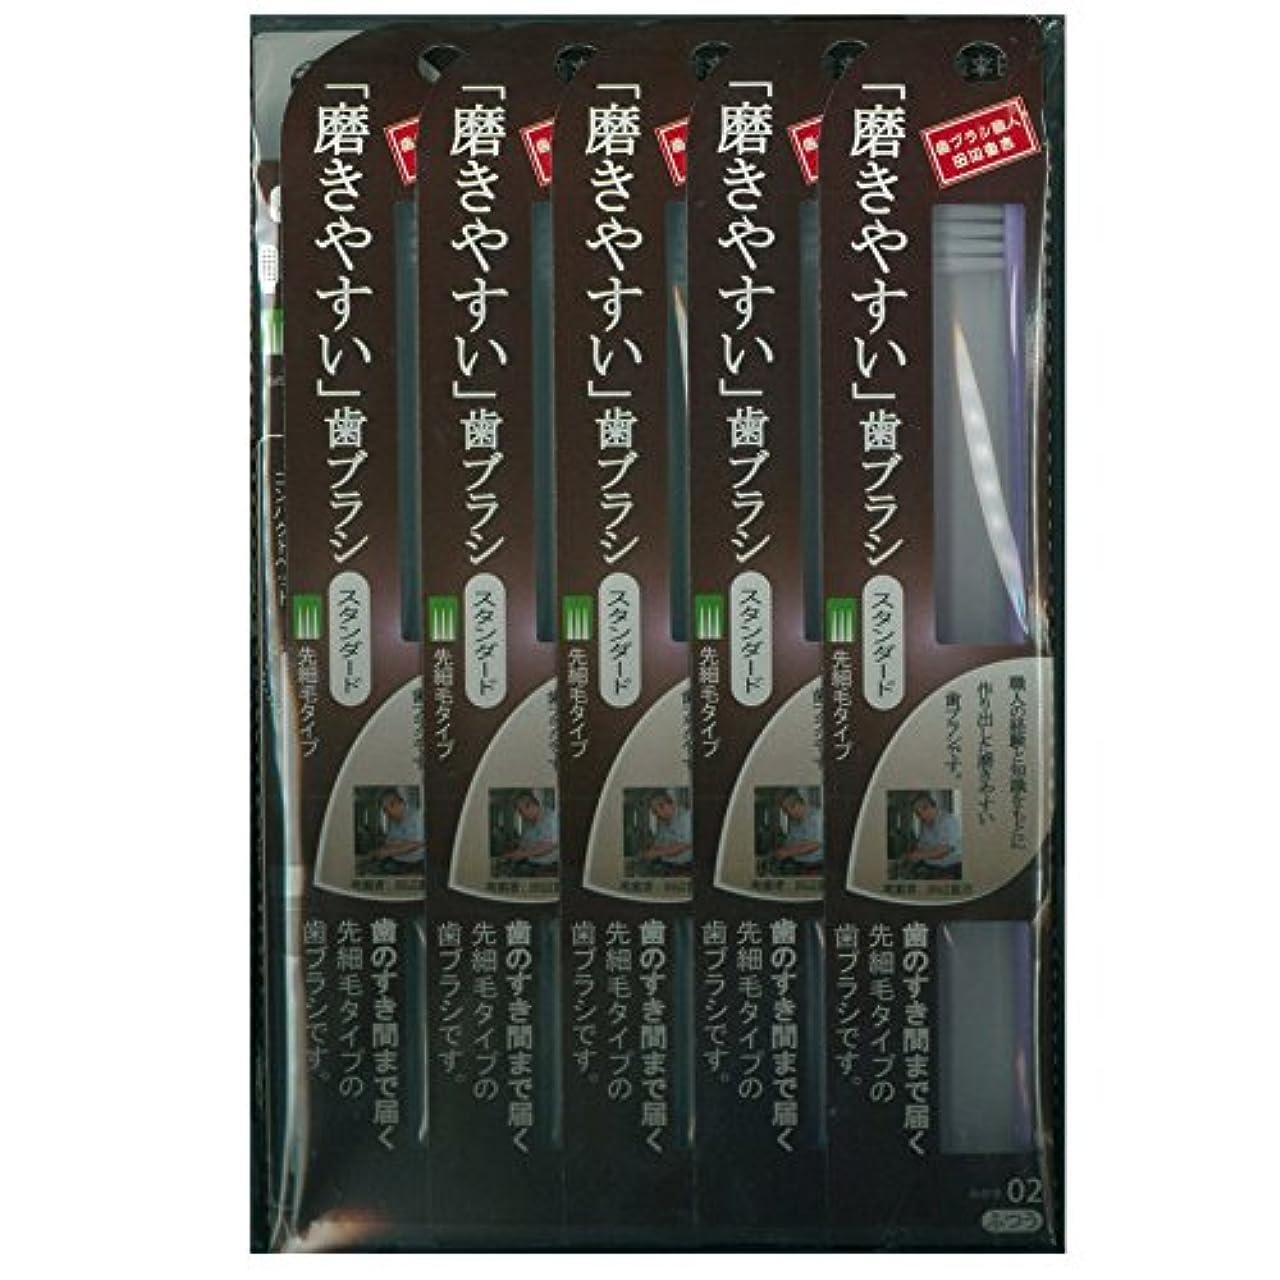 温室ピクニックをする債務者磨きやすい歯ブラシ先細 LT-02×12本セット( ピンク×4本、ブルー×4本、グリーン×2本、パープル×2本)